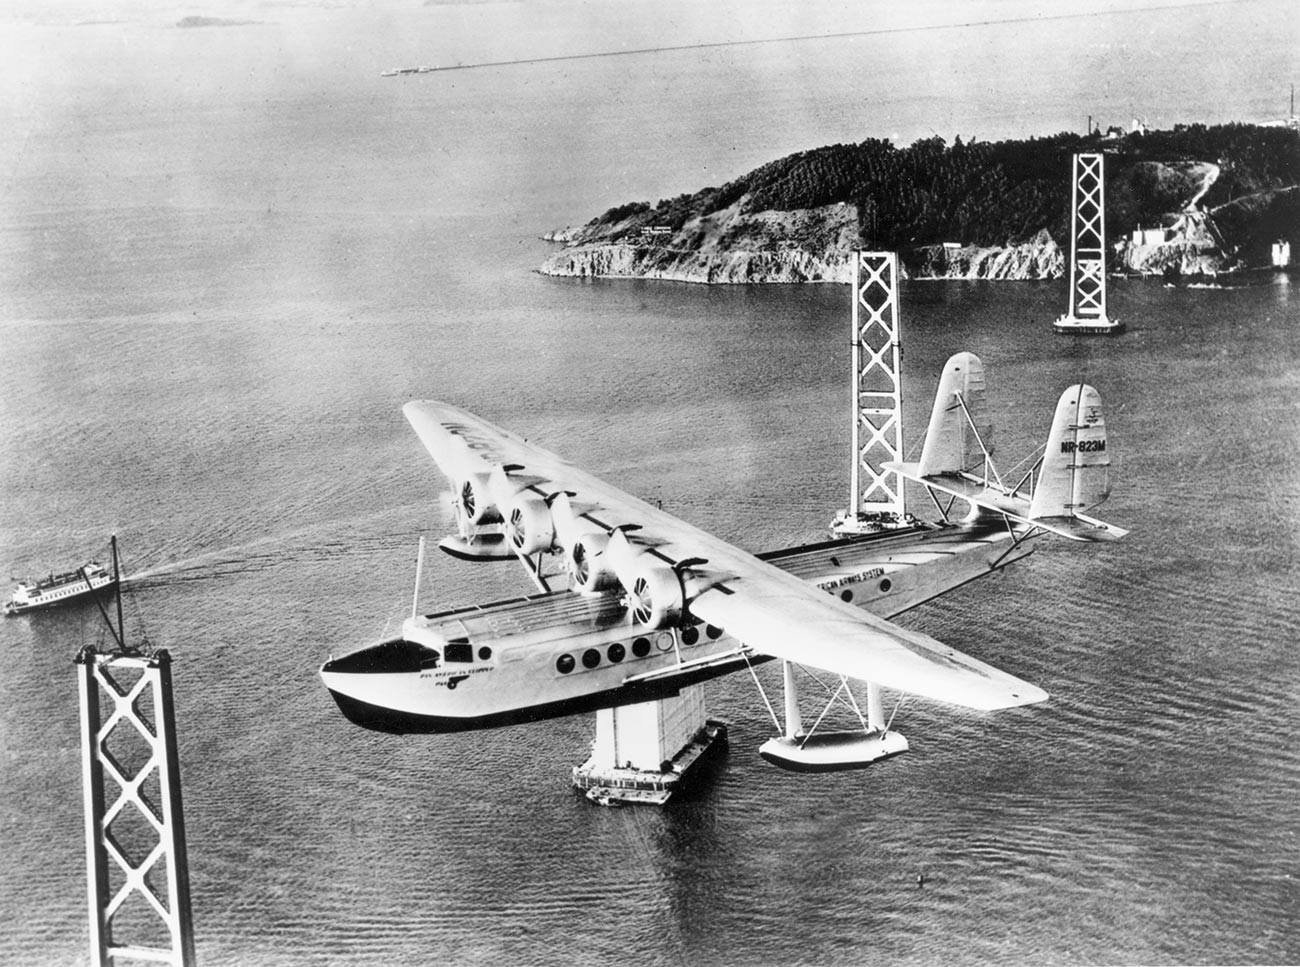 Sikorsky S-42 dans la baie de San Francisco lors d'un vol vers Hawaï. On peut ici voir le pont Bay Bridge en construction.